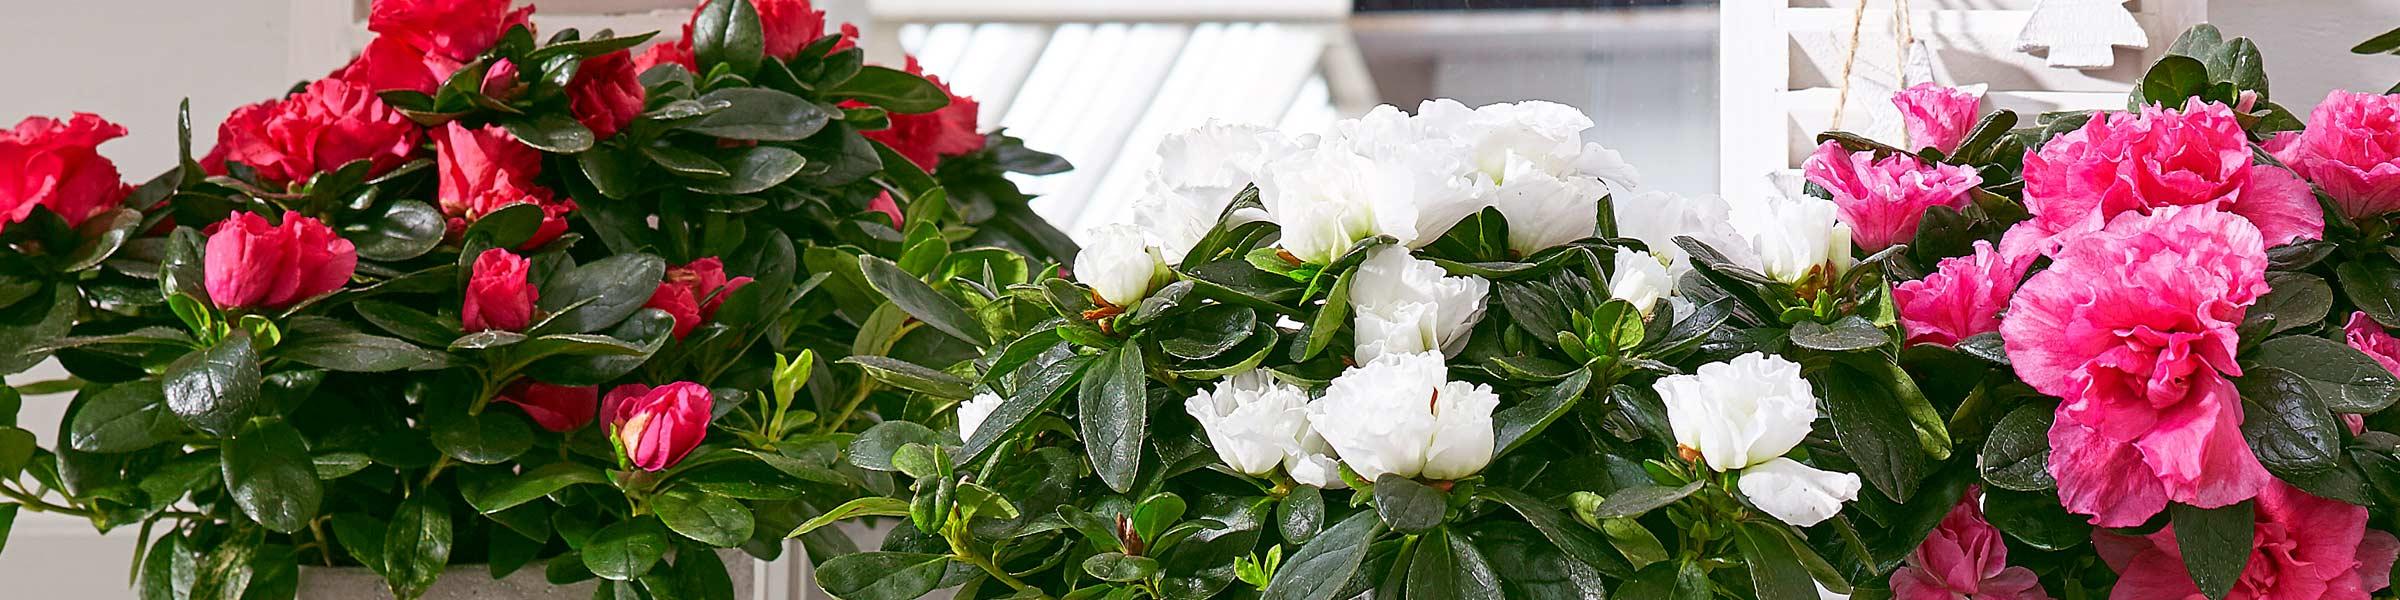 Blühende Zimmerpflanzen blühende zimmerpflanzen beste qualität dehner